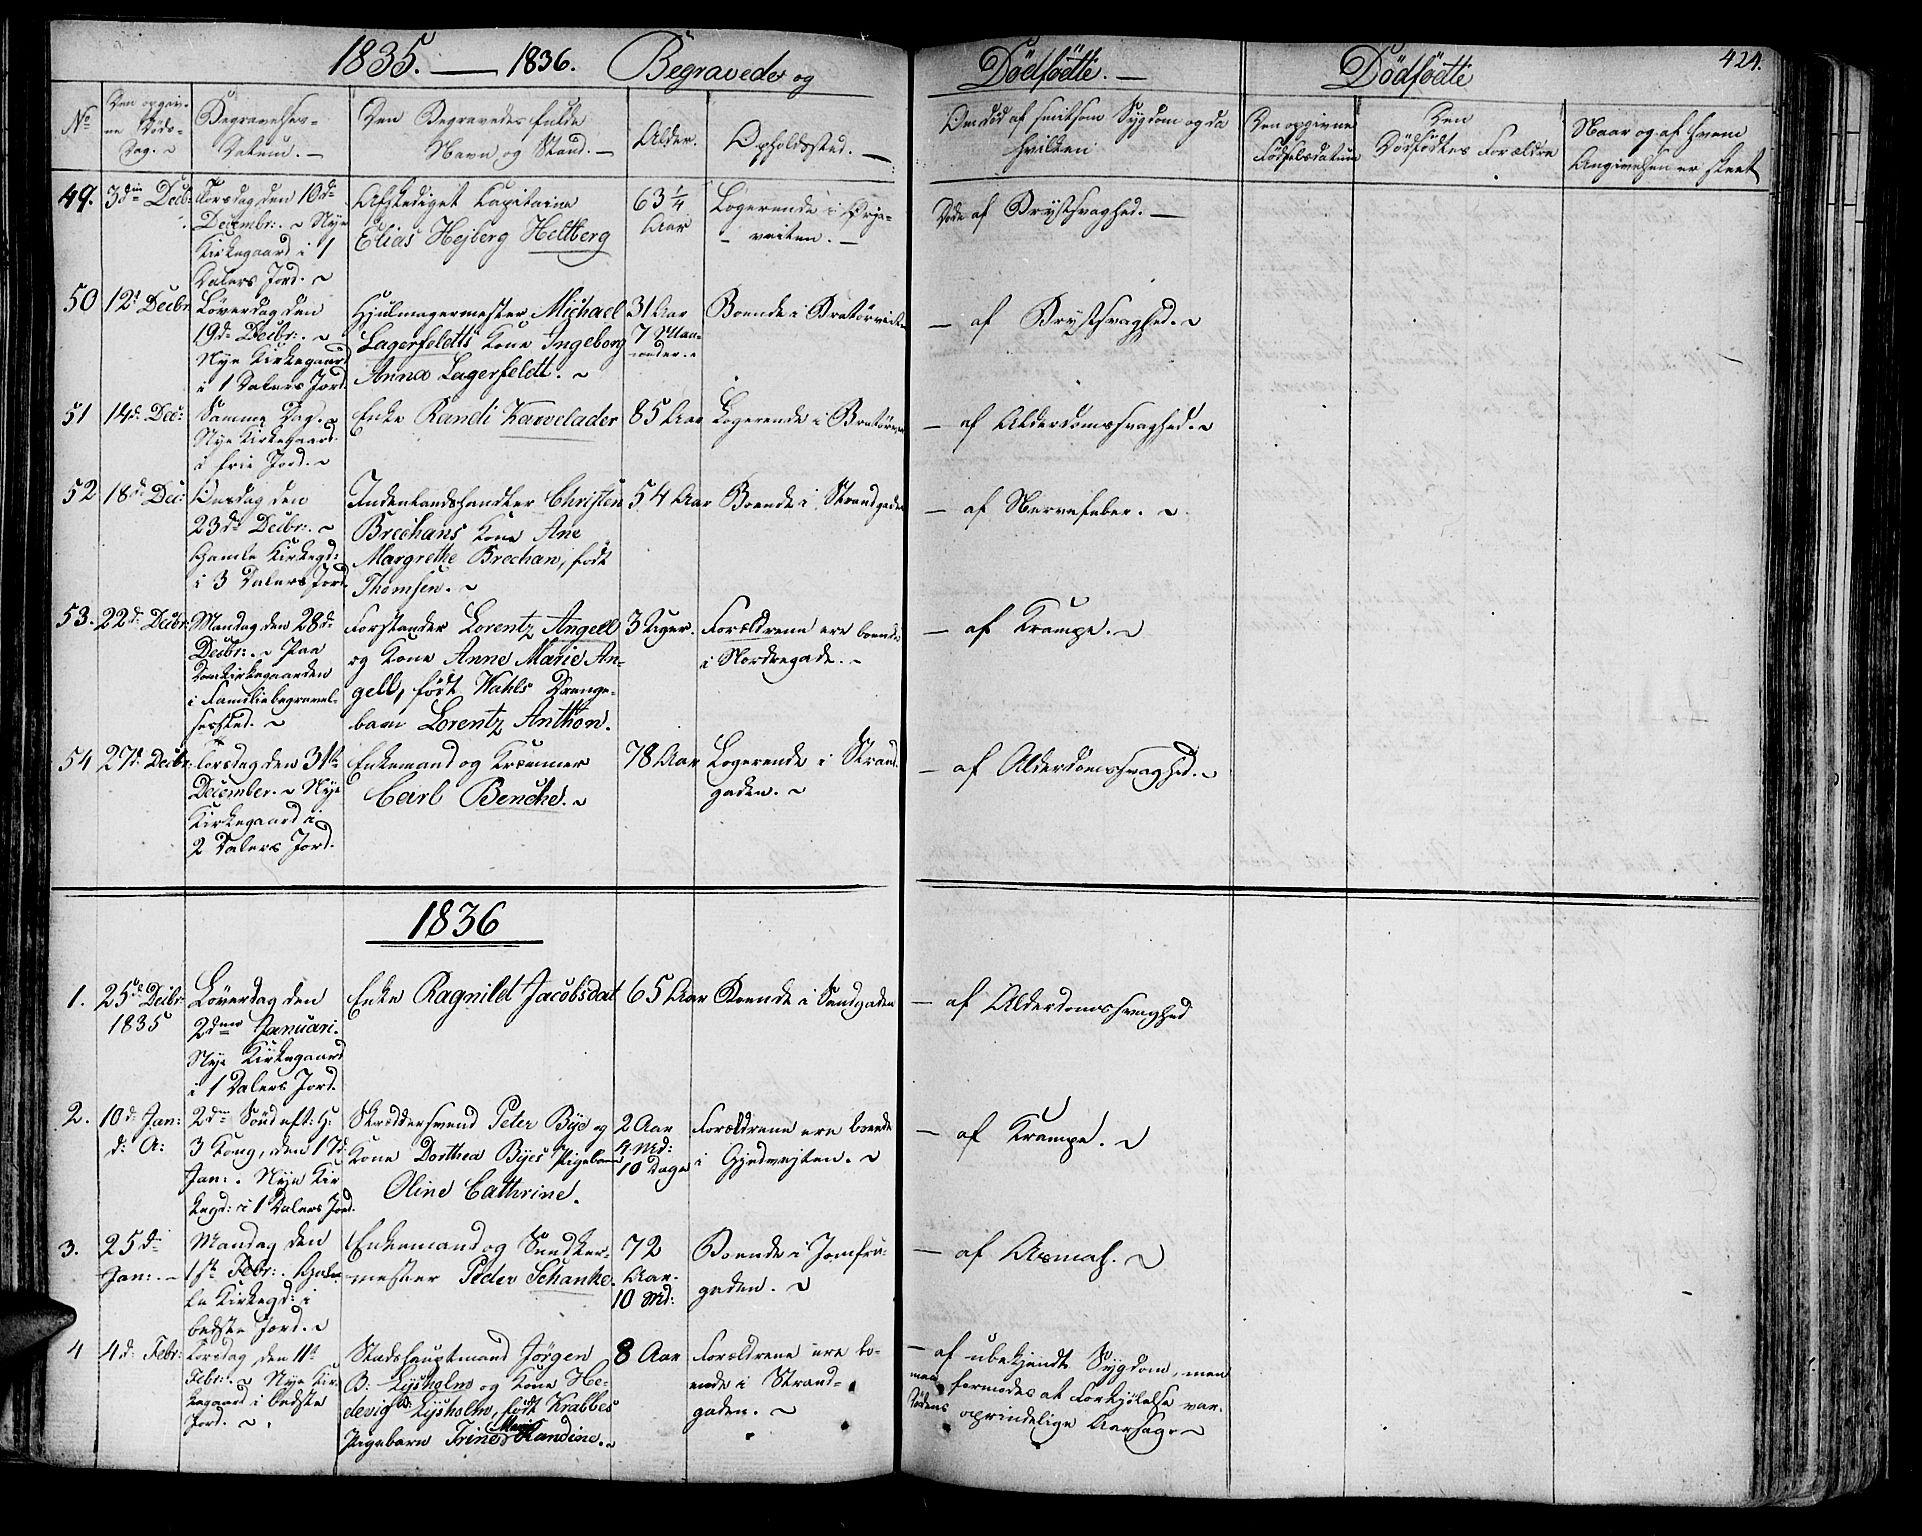 SAT, Ministerialprotokoller, klokkerbøker og fødselsregistre - Sør-Trøndelag, 602/L0109: Ministerialbok nr. 602A07, 1821-1840, s. 424